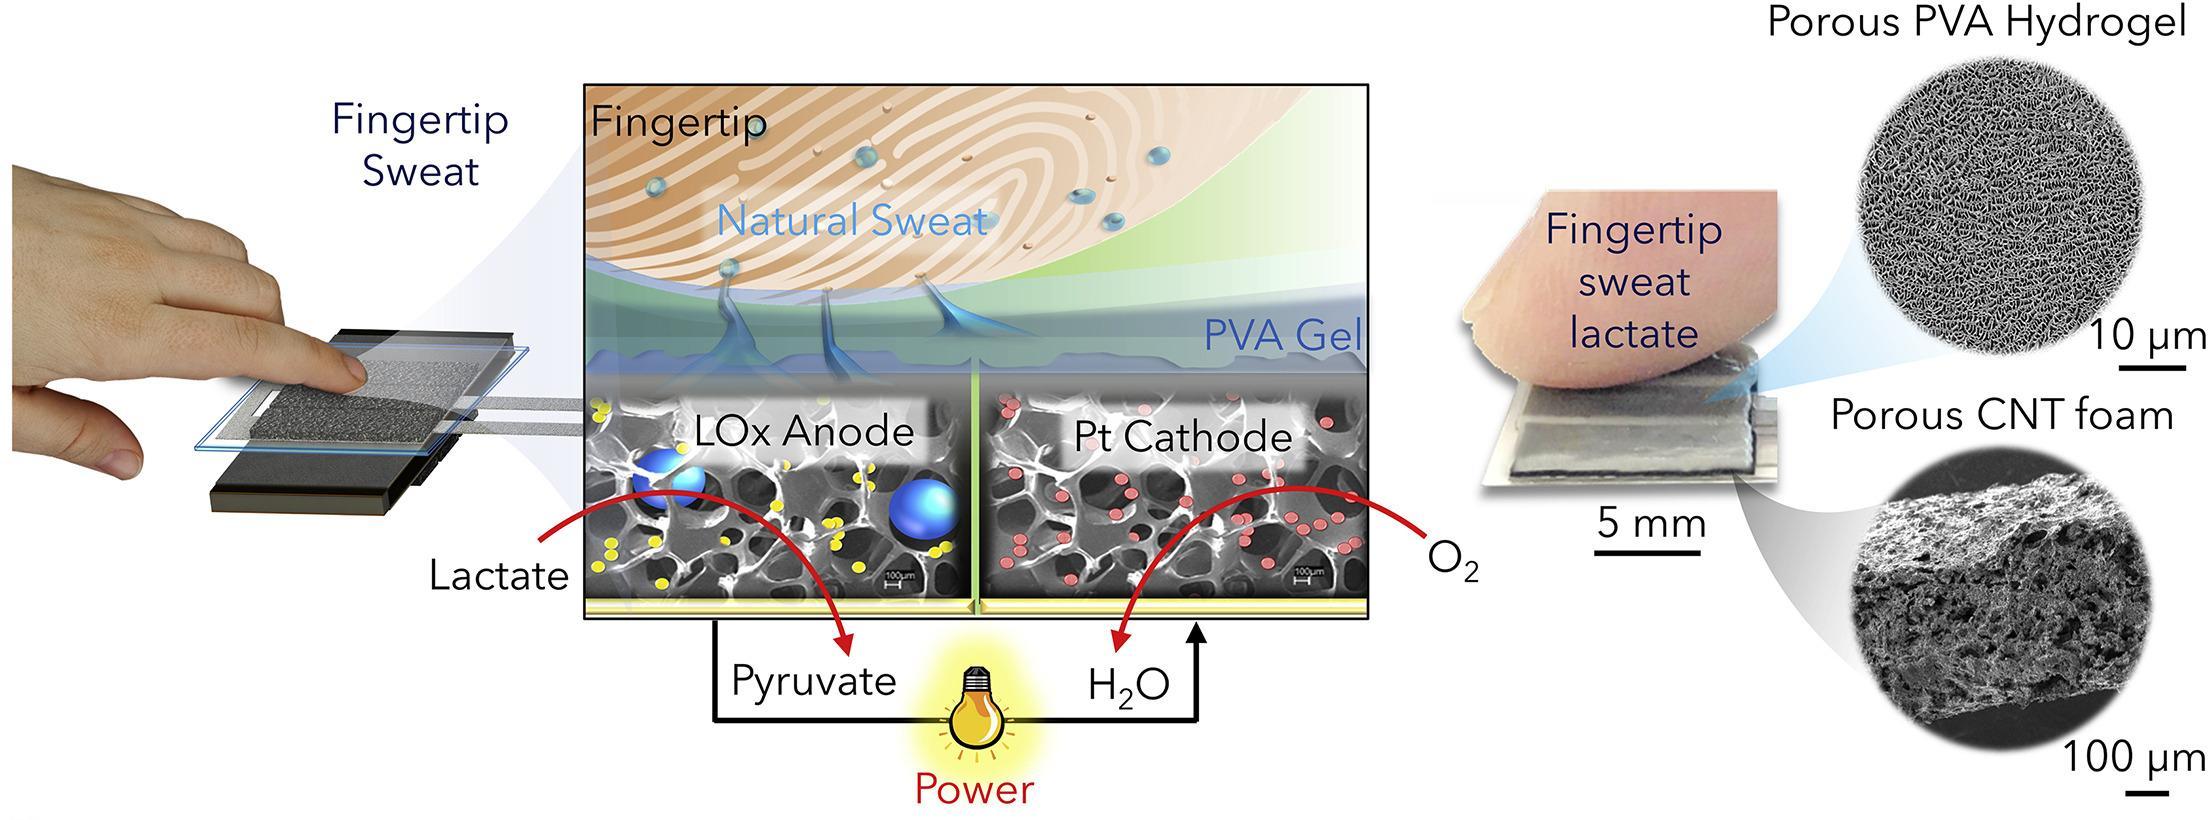 Углеродные нанотрубки и лактатоксидаза помогли получить электричество из спящих людей